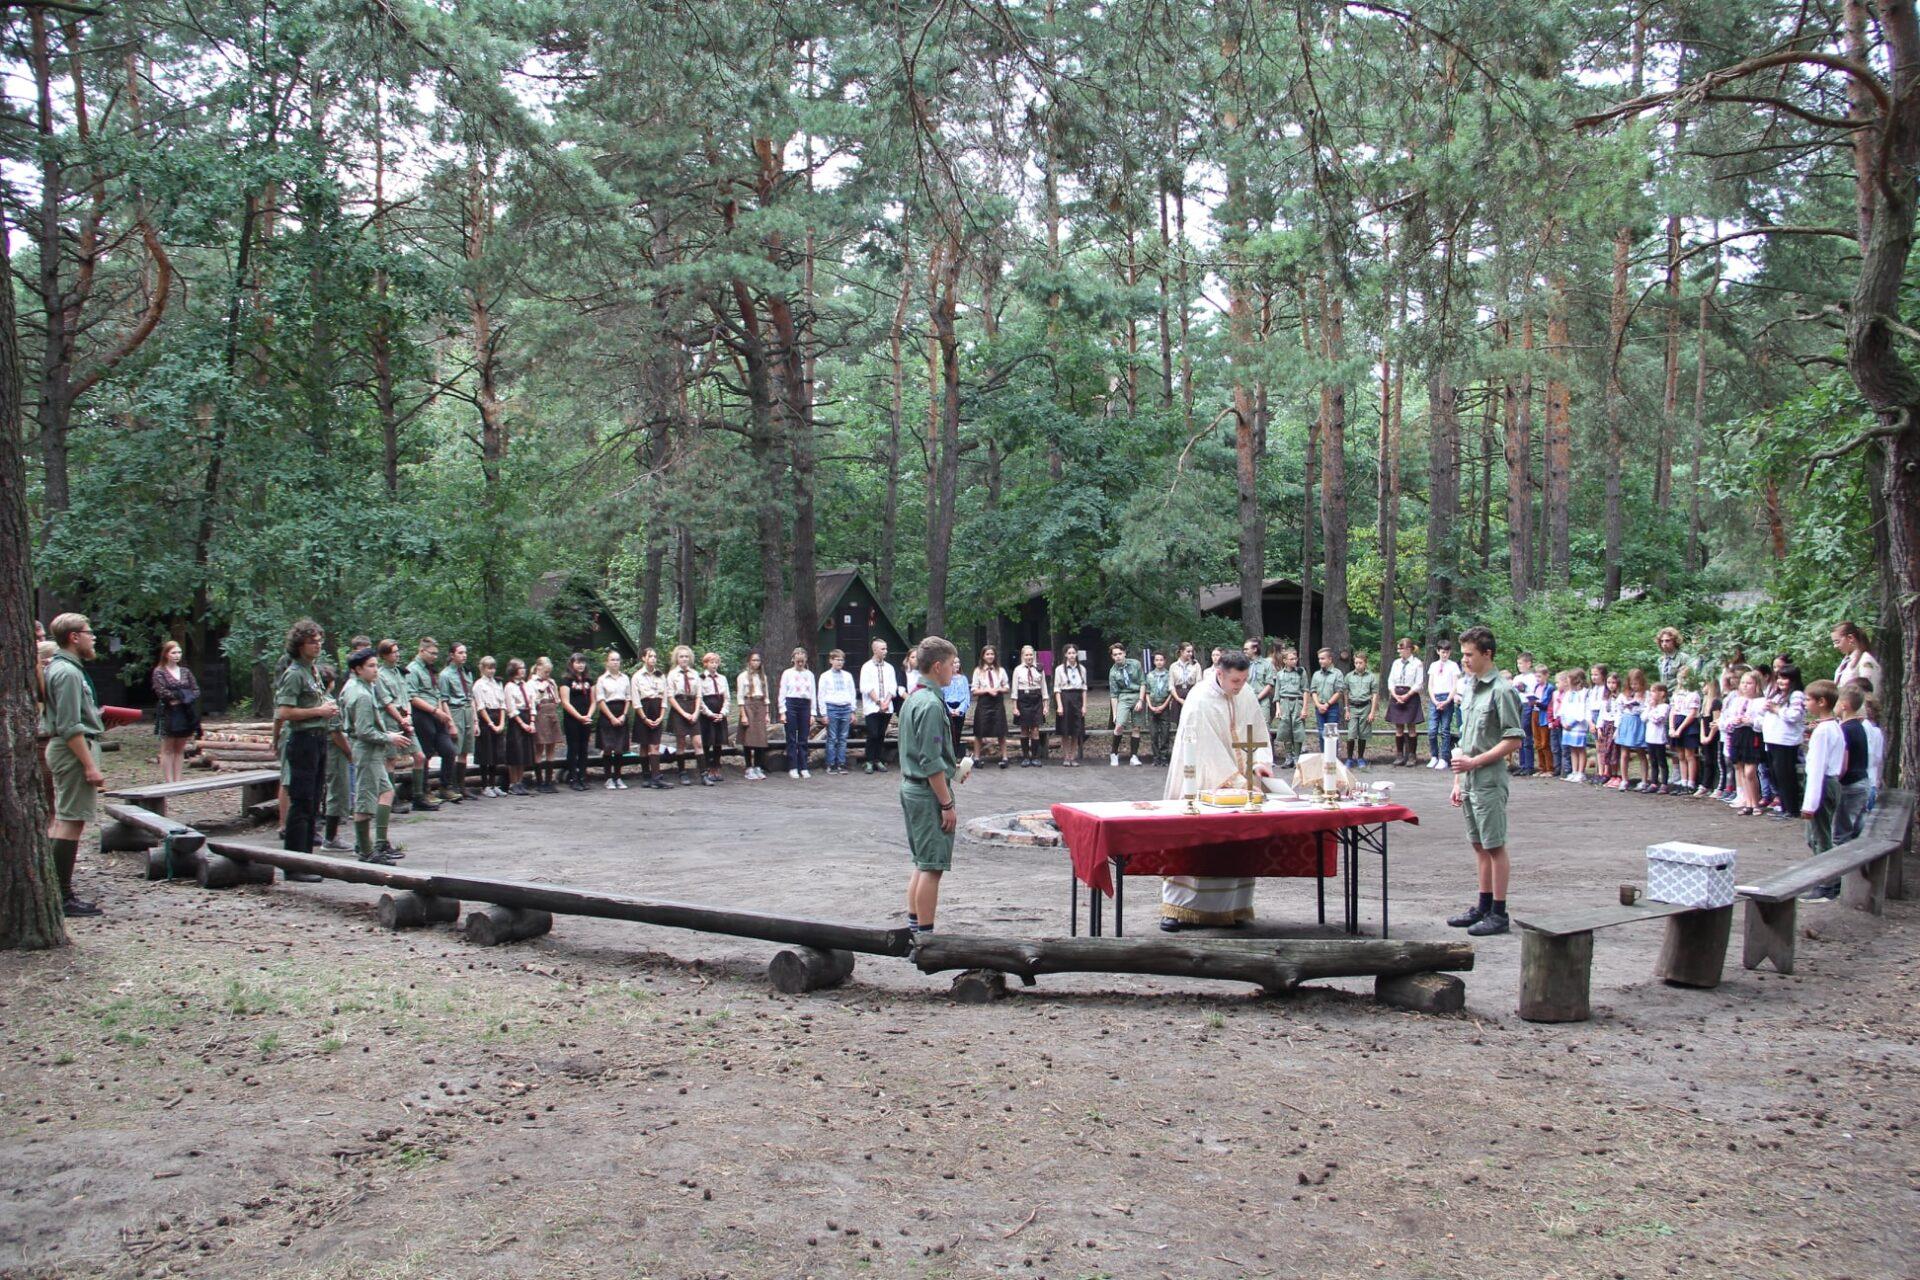 Божественна Літургія в свято Преображення Господнього під час табору Пласт в Сямошицях